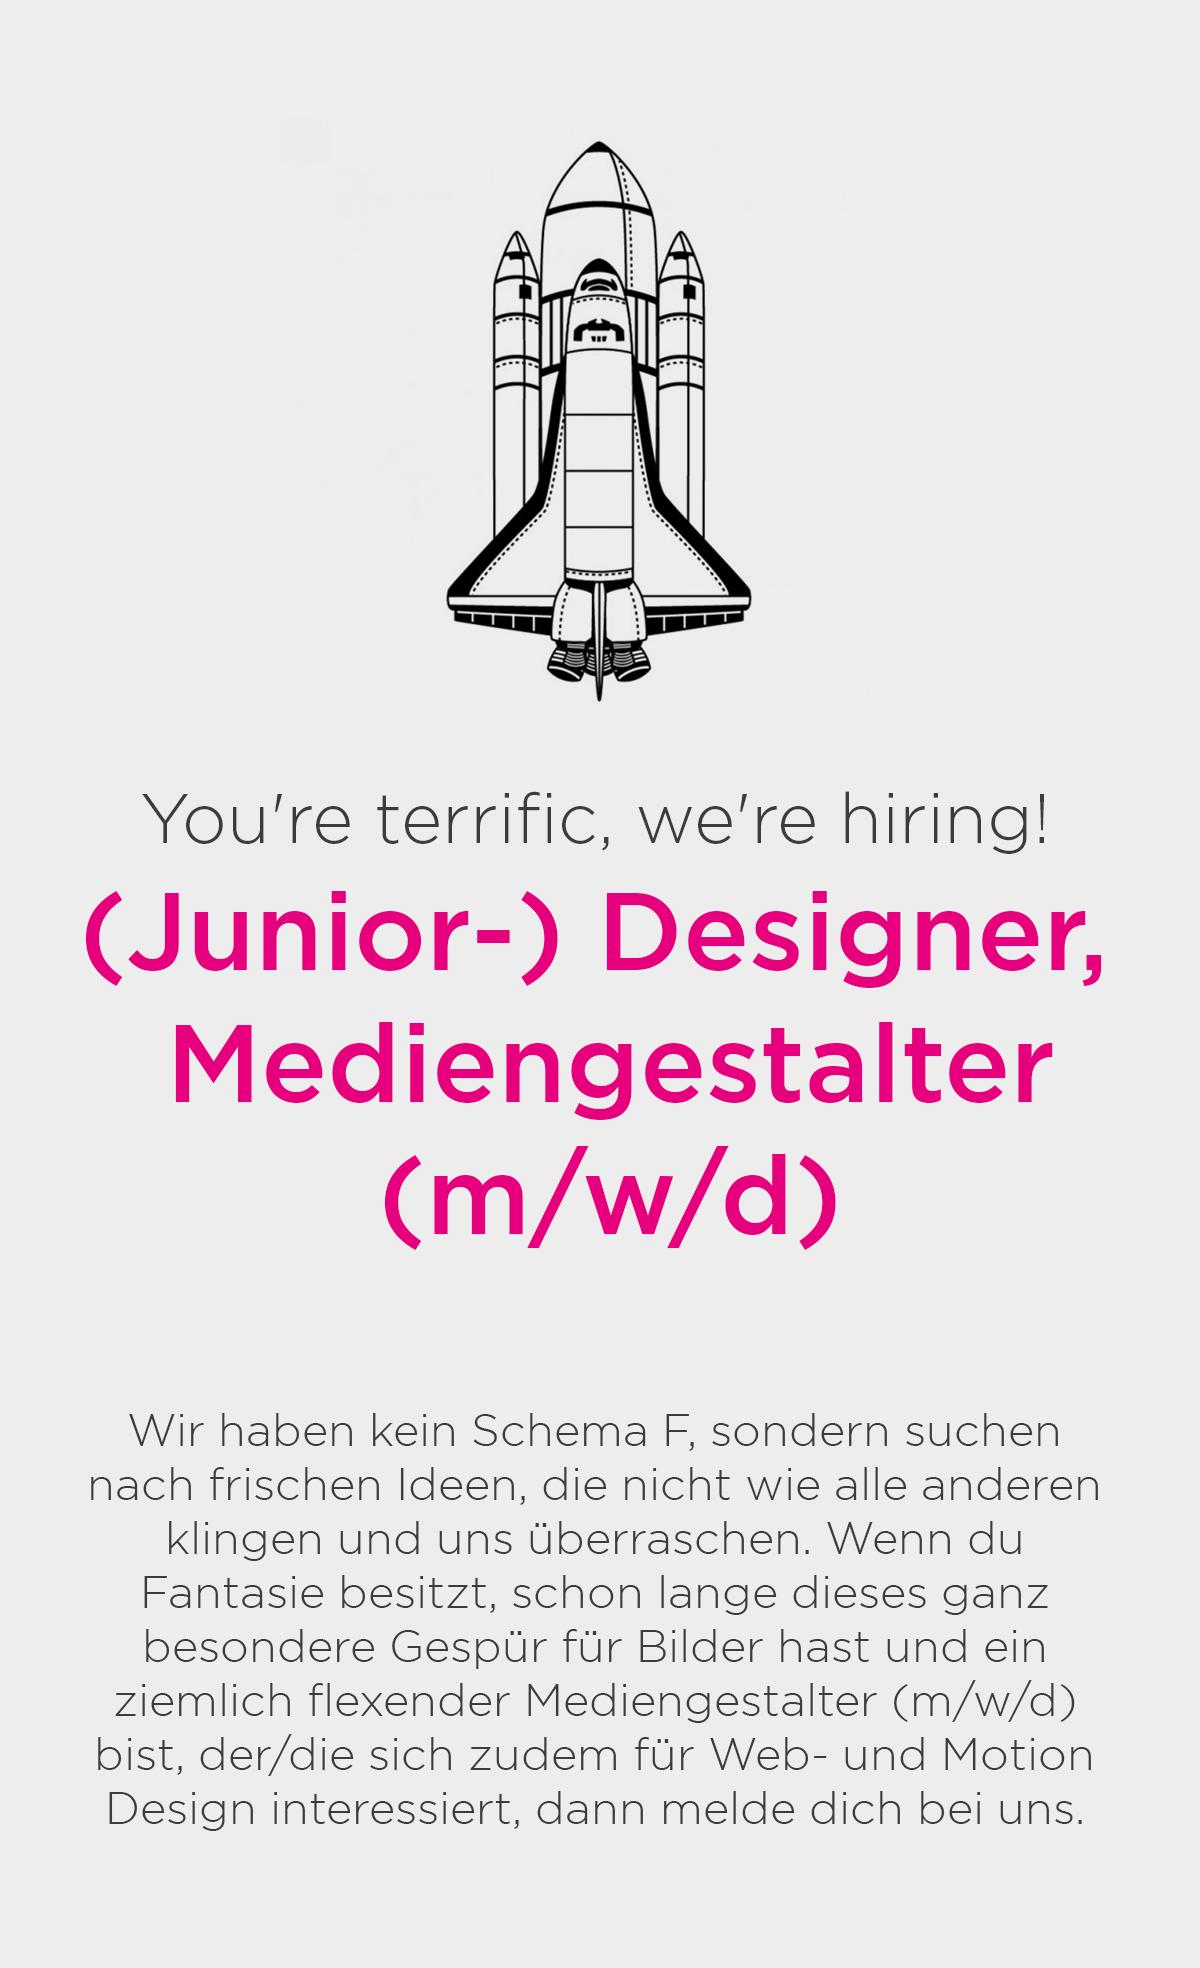 (Junior-) Designer, Mediengestalter (m/w/d)